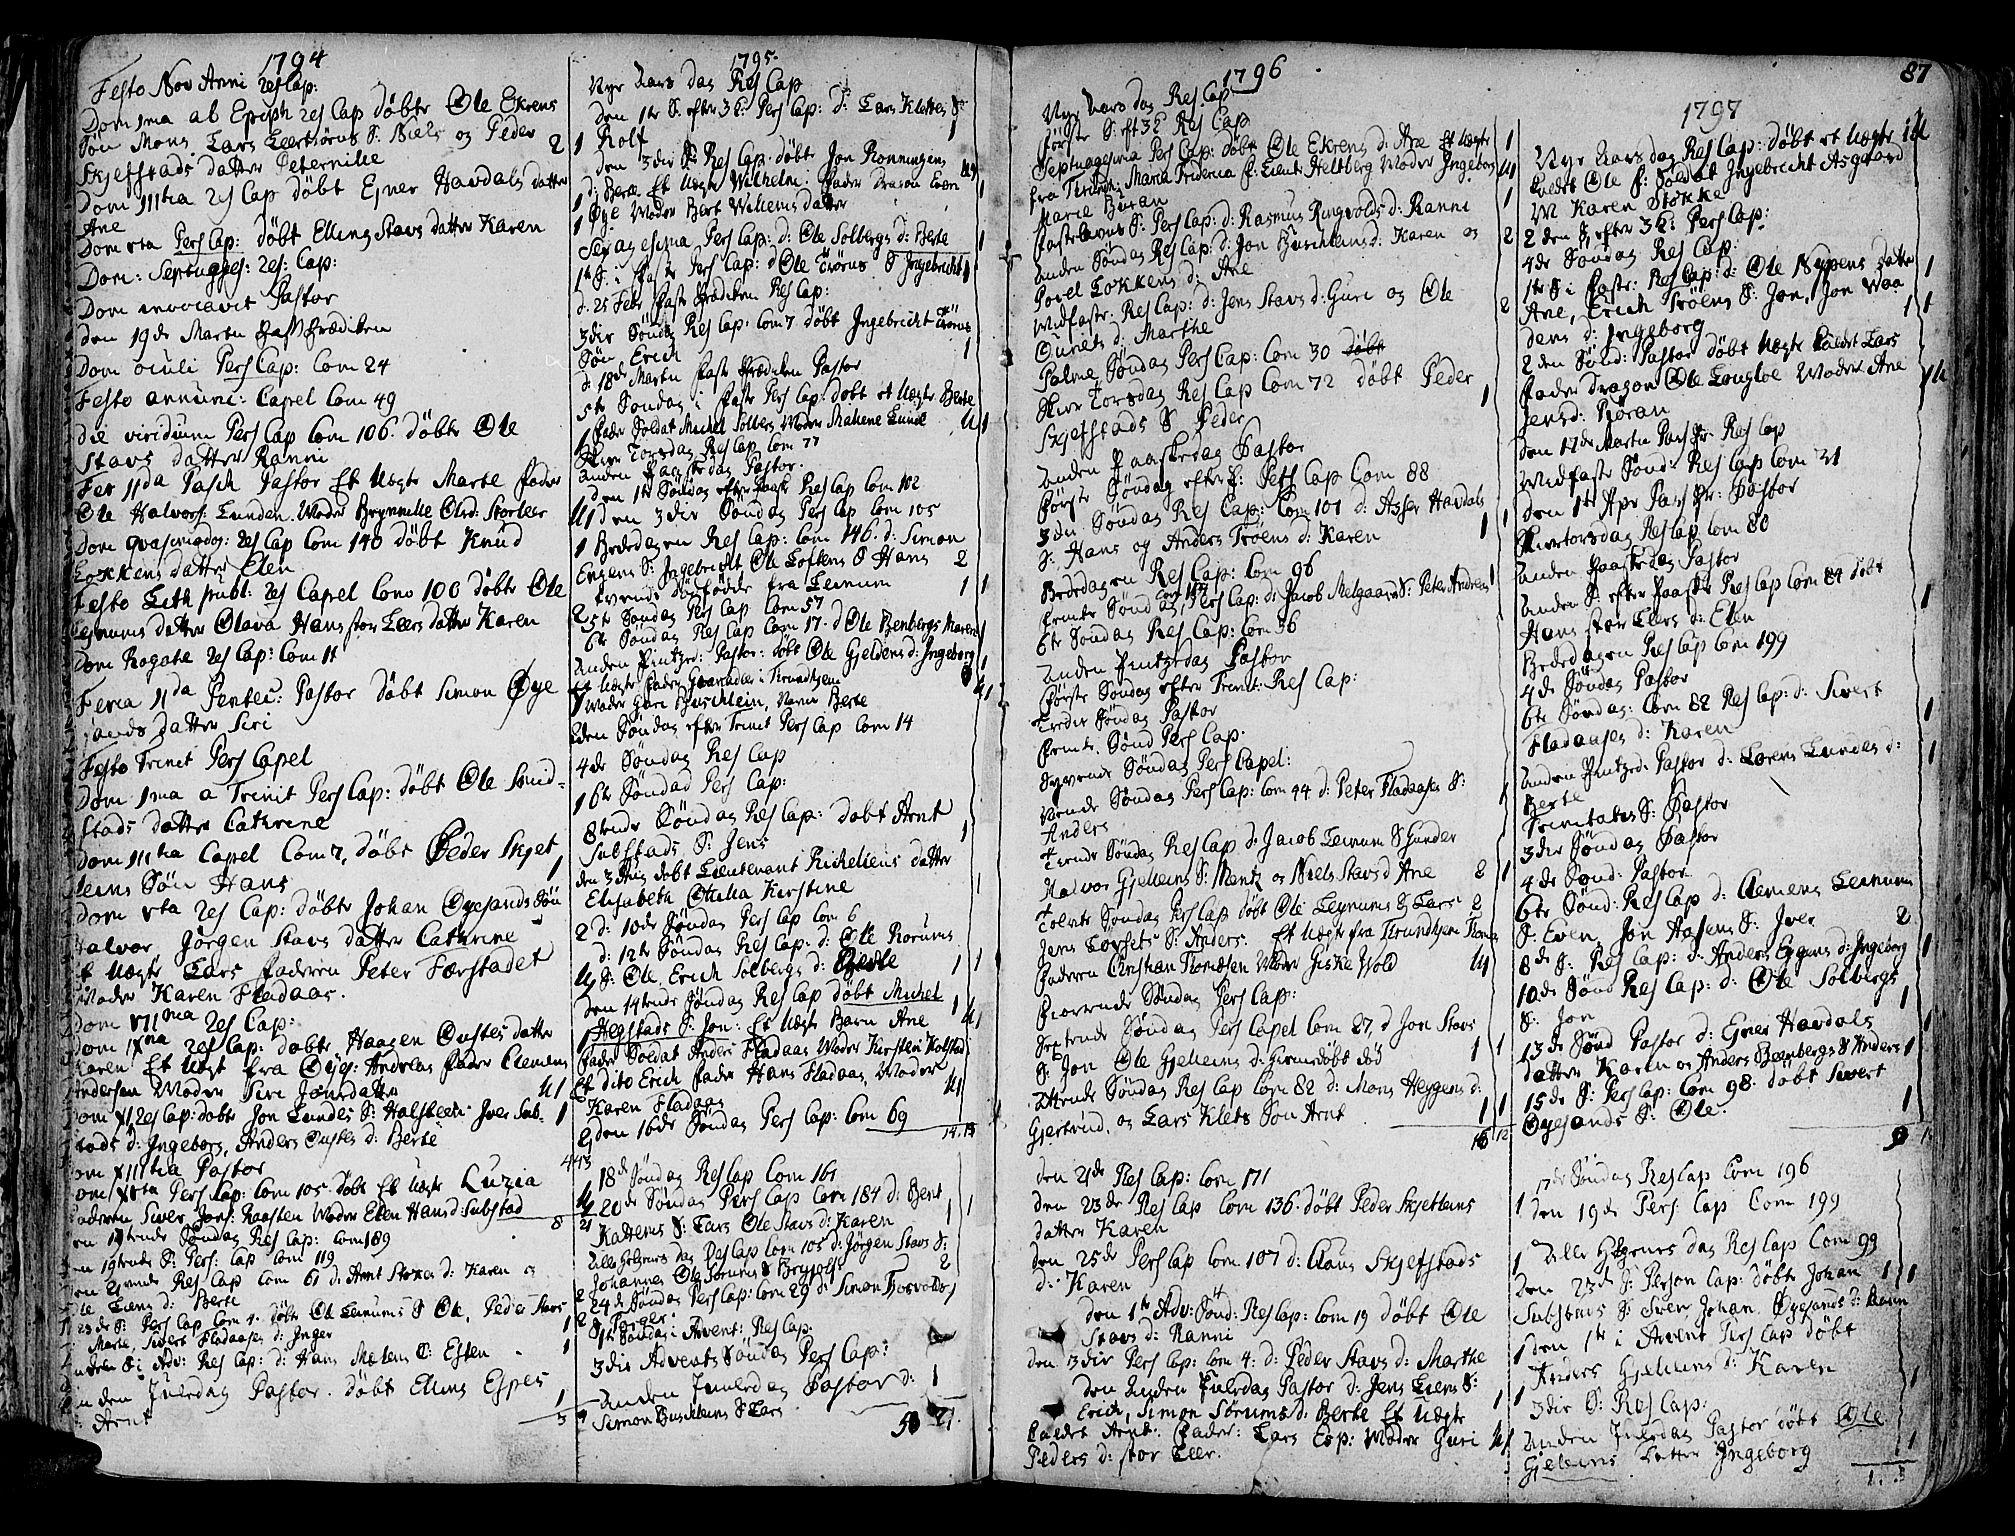 SAT, Ministerialprotokoller, klokkerbøker og fødselsregistre - Sør-Trøndelag, 691/L1063: Ministerialbok nr. 691A02 /3, 1768-1815, s. 87